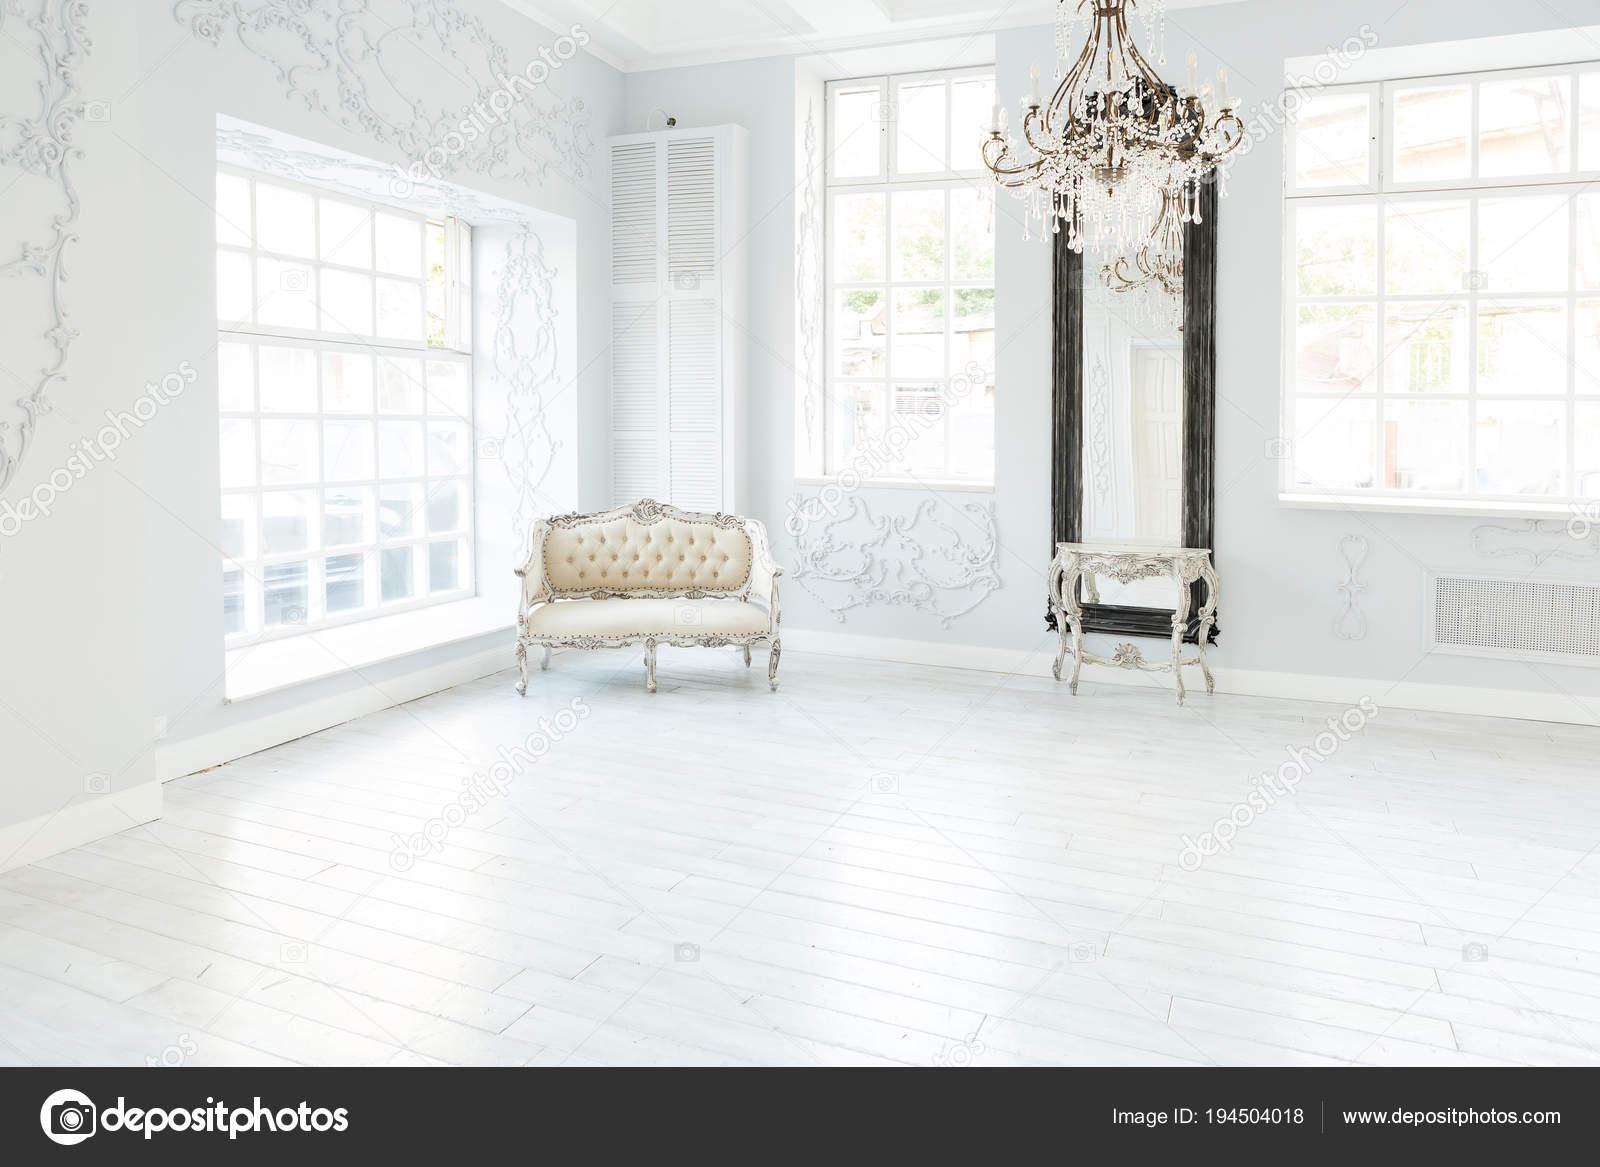 Gallery of lusso ricco salotto interior design con for Idee per decorare pareti soggiorno